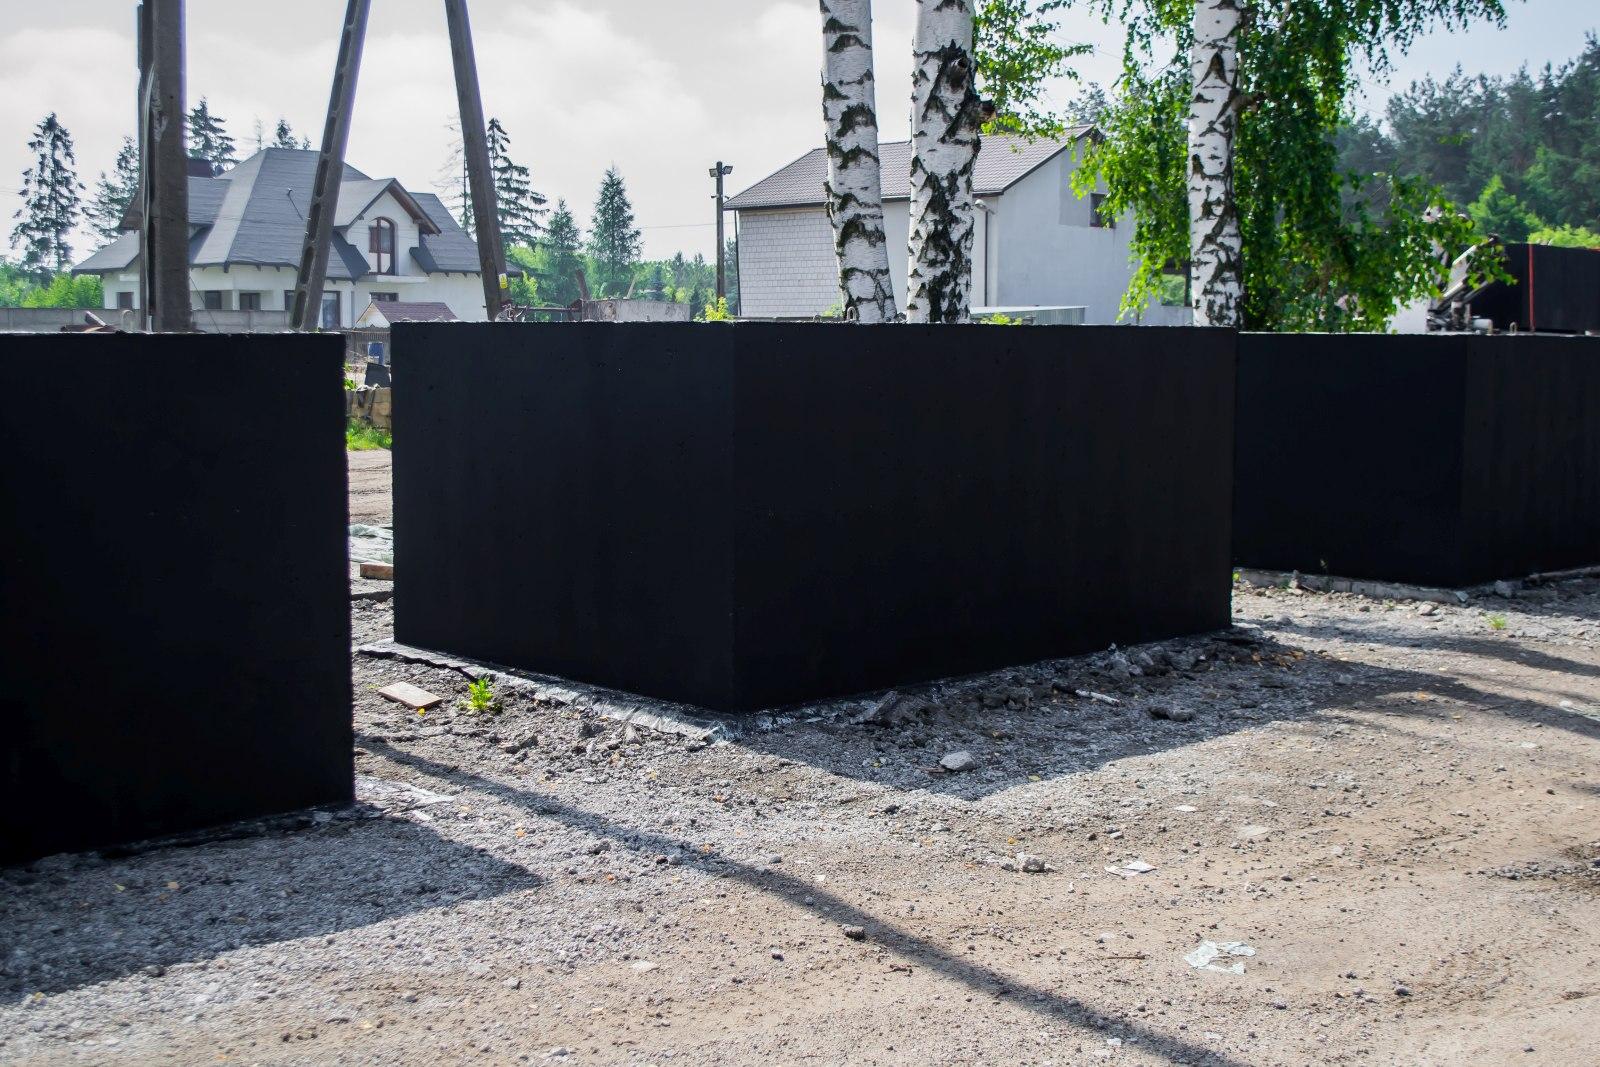 zbiornik na deszczówkę wykonany z betonu